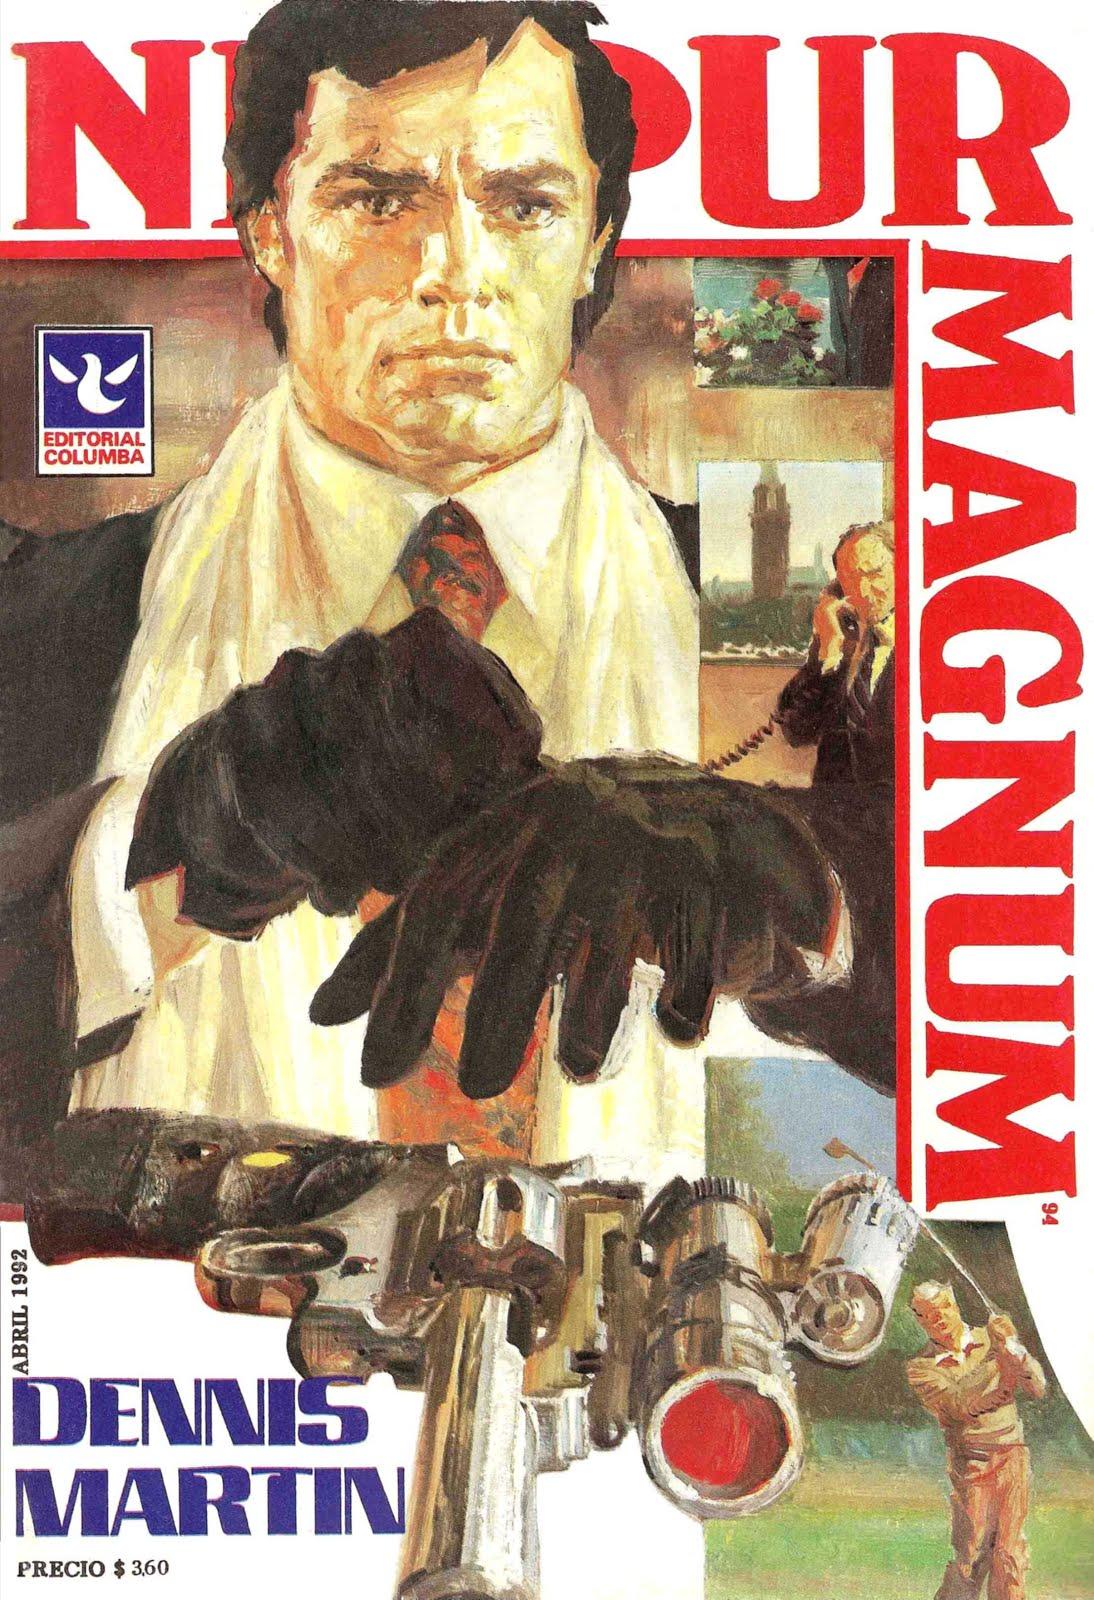 Todos los lunes: NiPPUR MAGNUM  ED. Columba - Argentina